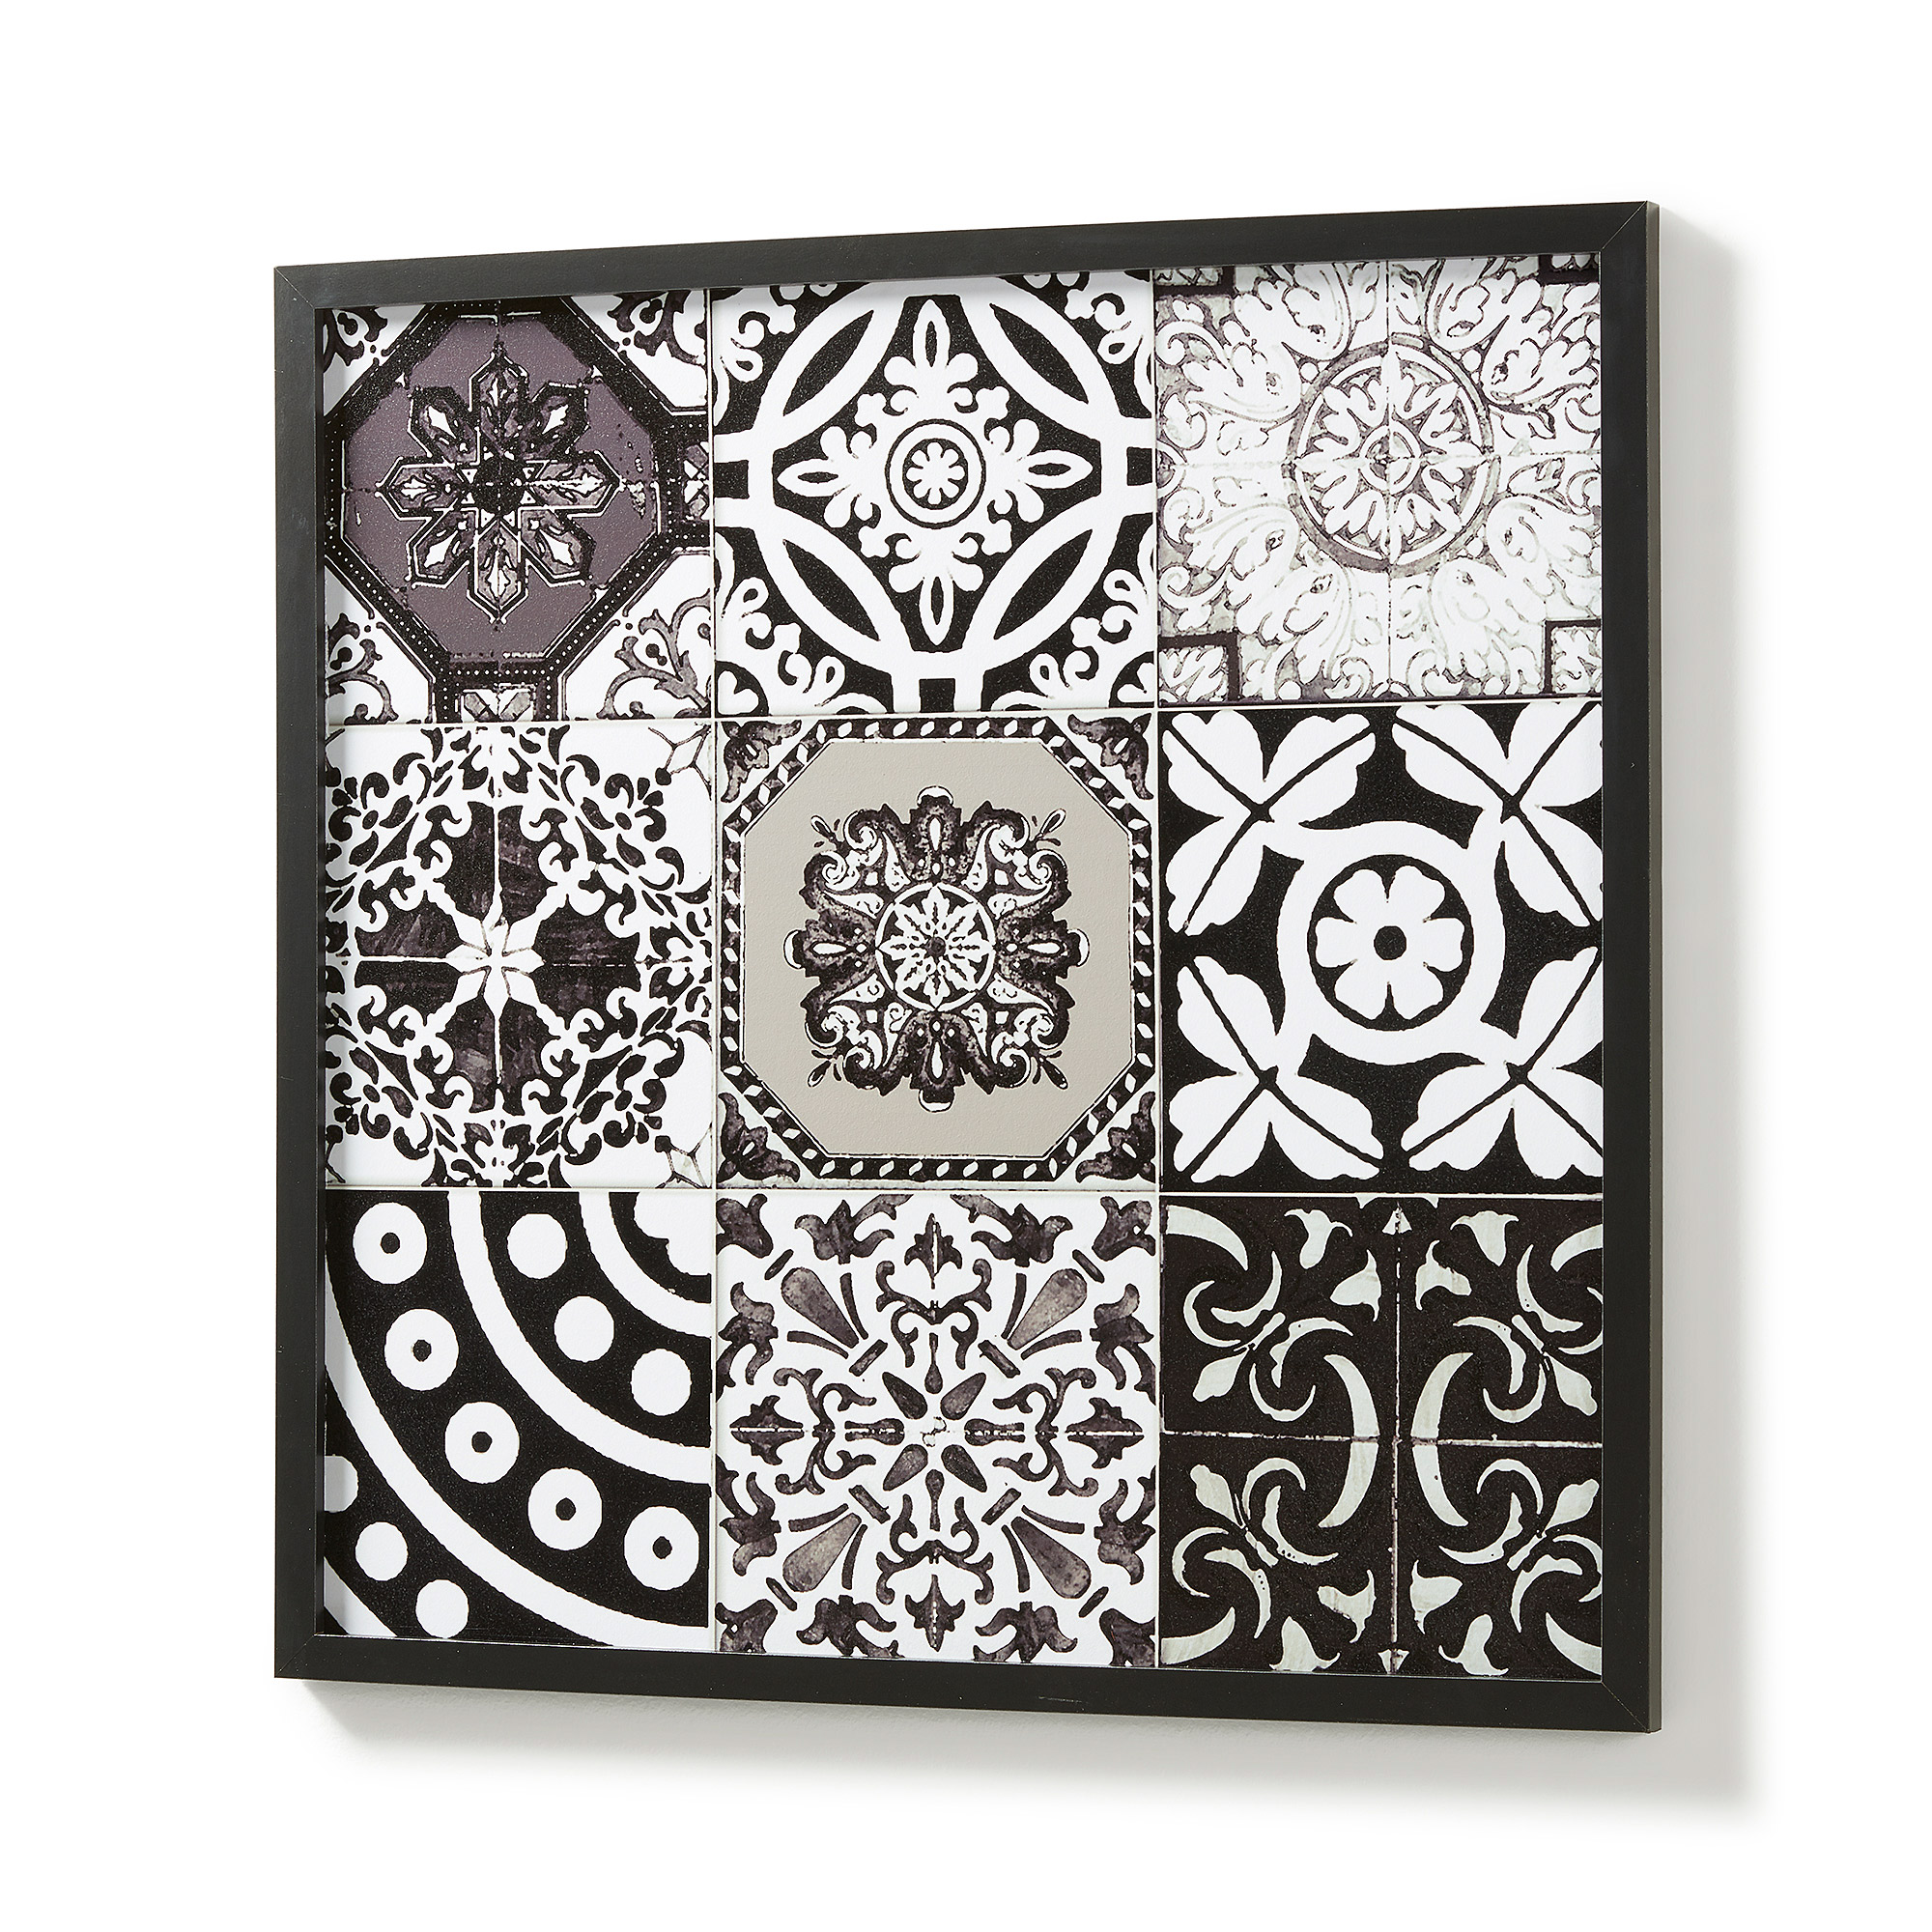 Kave Home wandbord 'Alika', zwart/wit